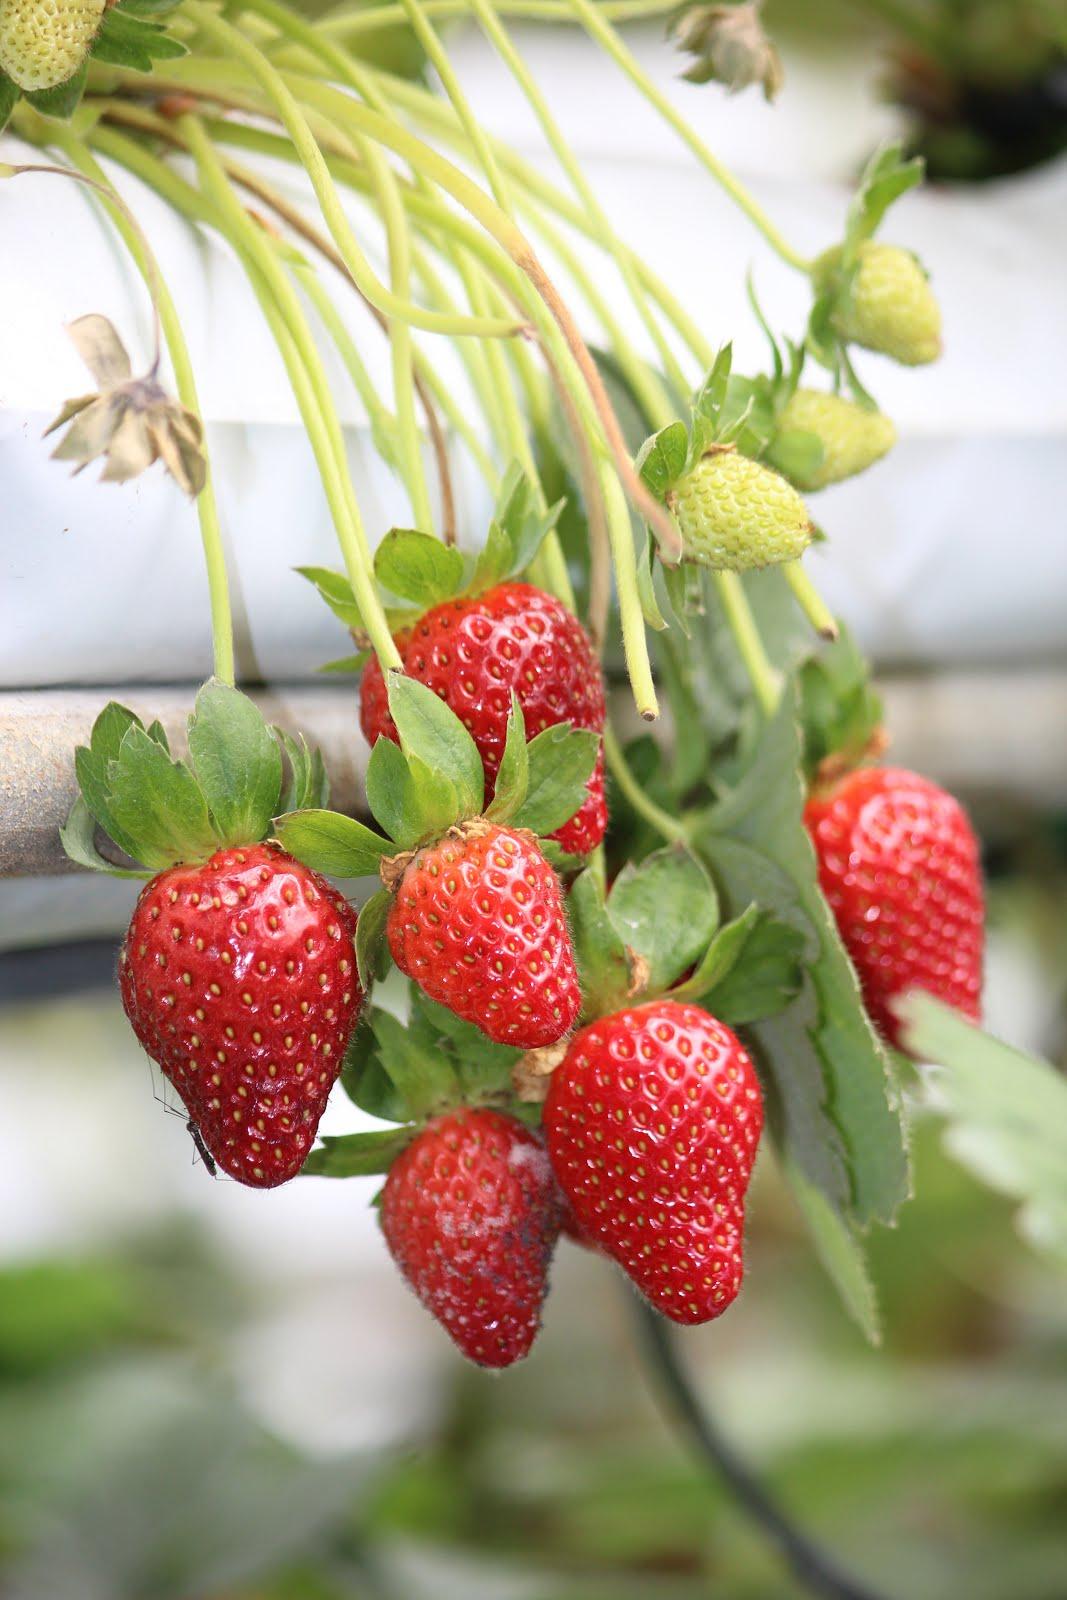 Kenangan buah strawberi segar masih dalam ingatan. Kita tepek buat sementara..hihi